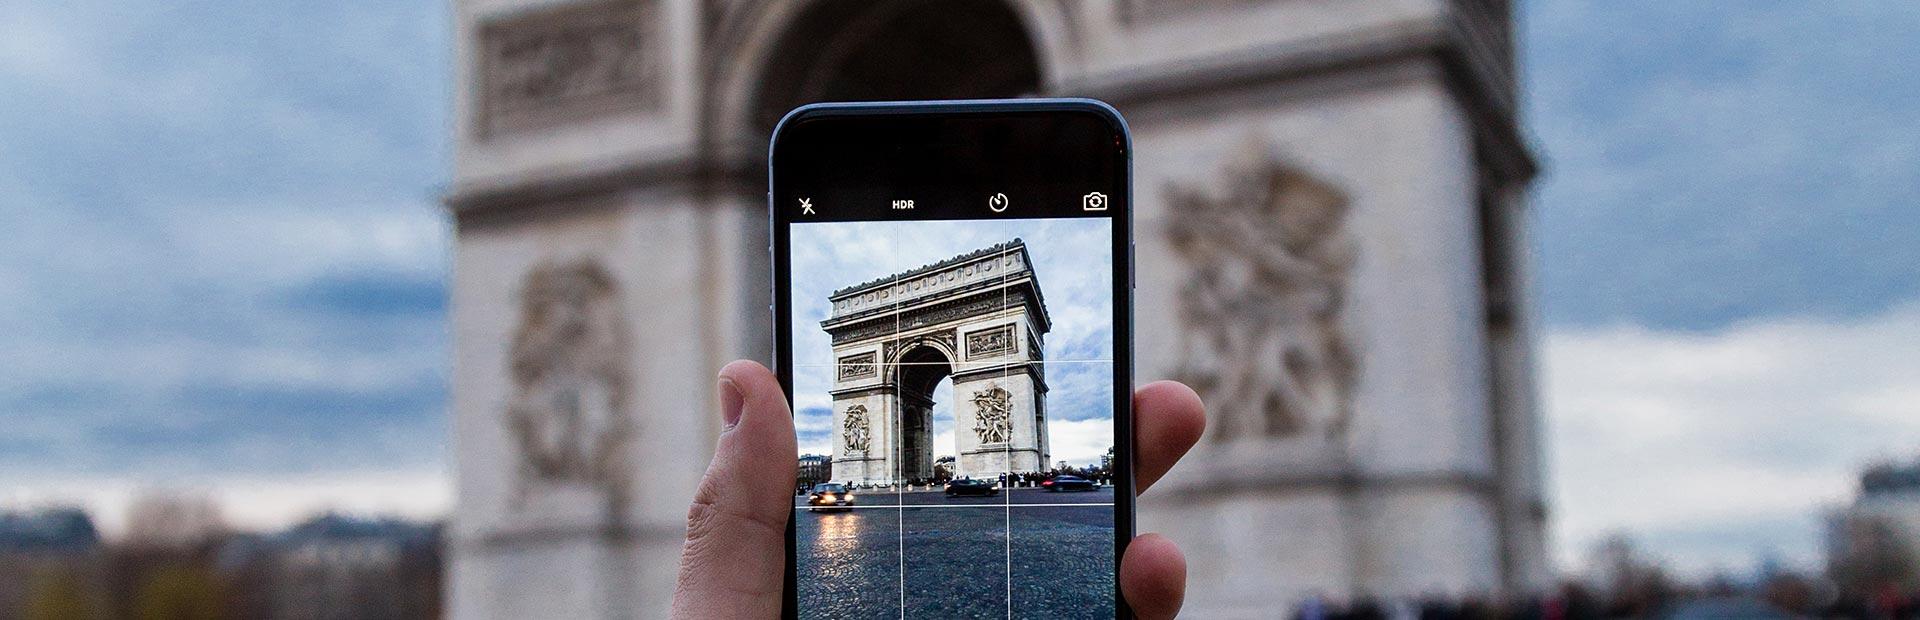 Arc du Triumphe on mobile